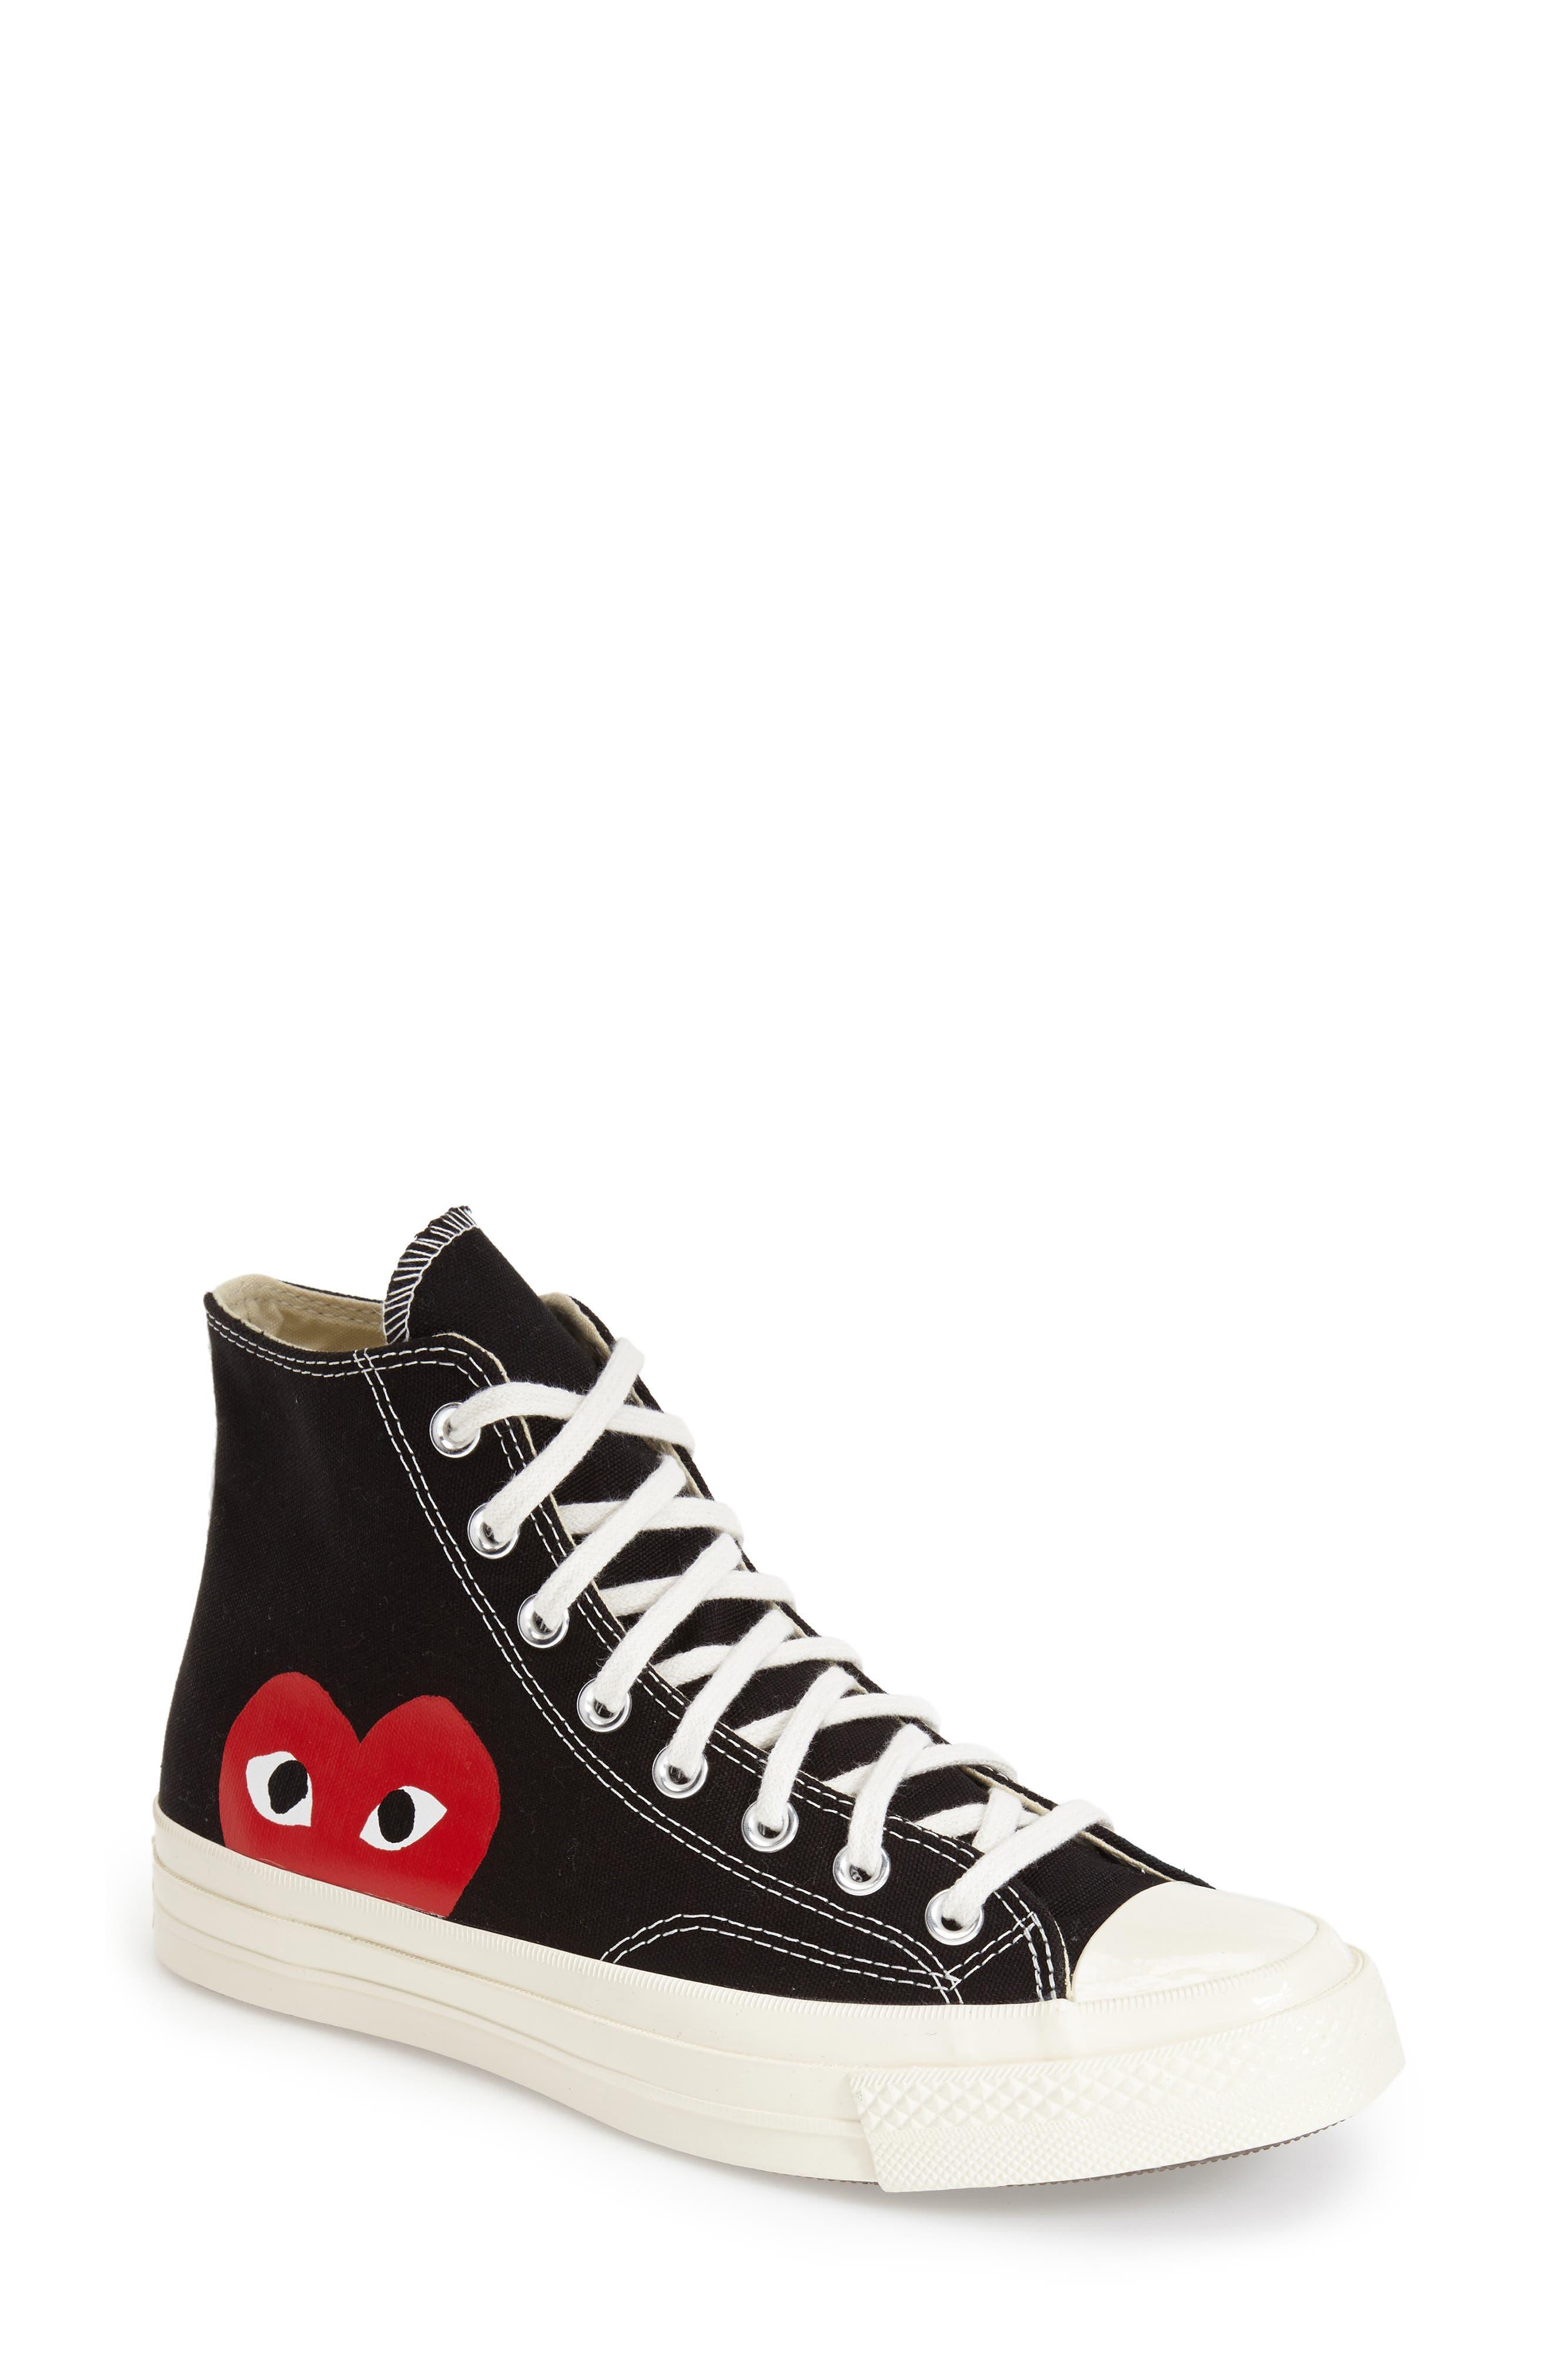 Comme des Garçons PLAY x Converse Chuck Taylor® Hidden Heart High Top Sneaker (Women)